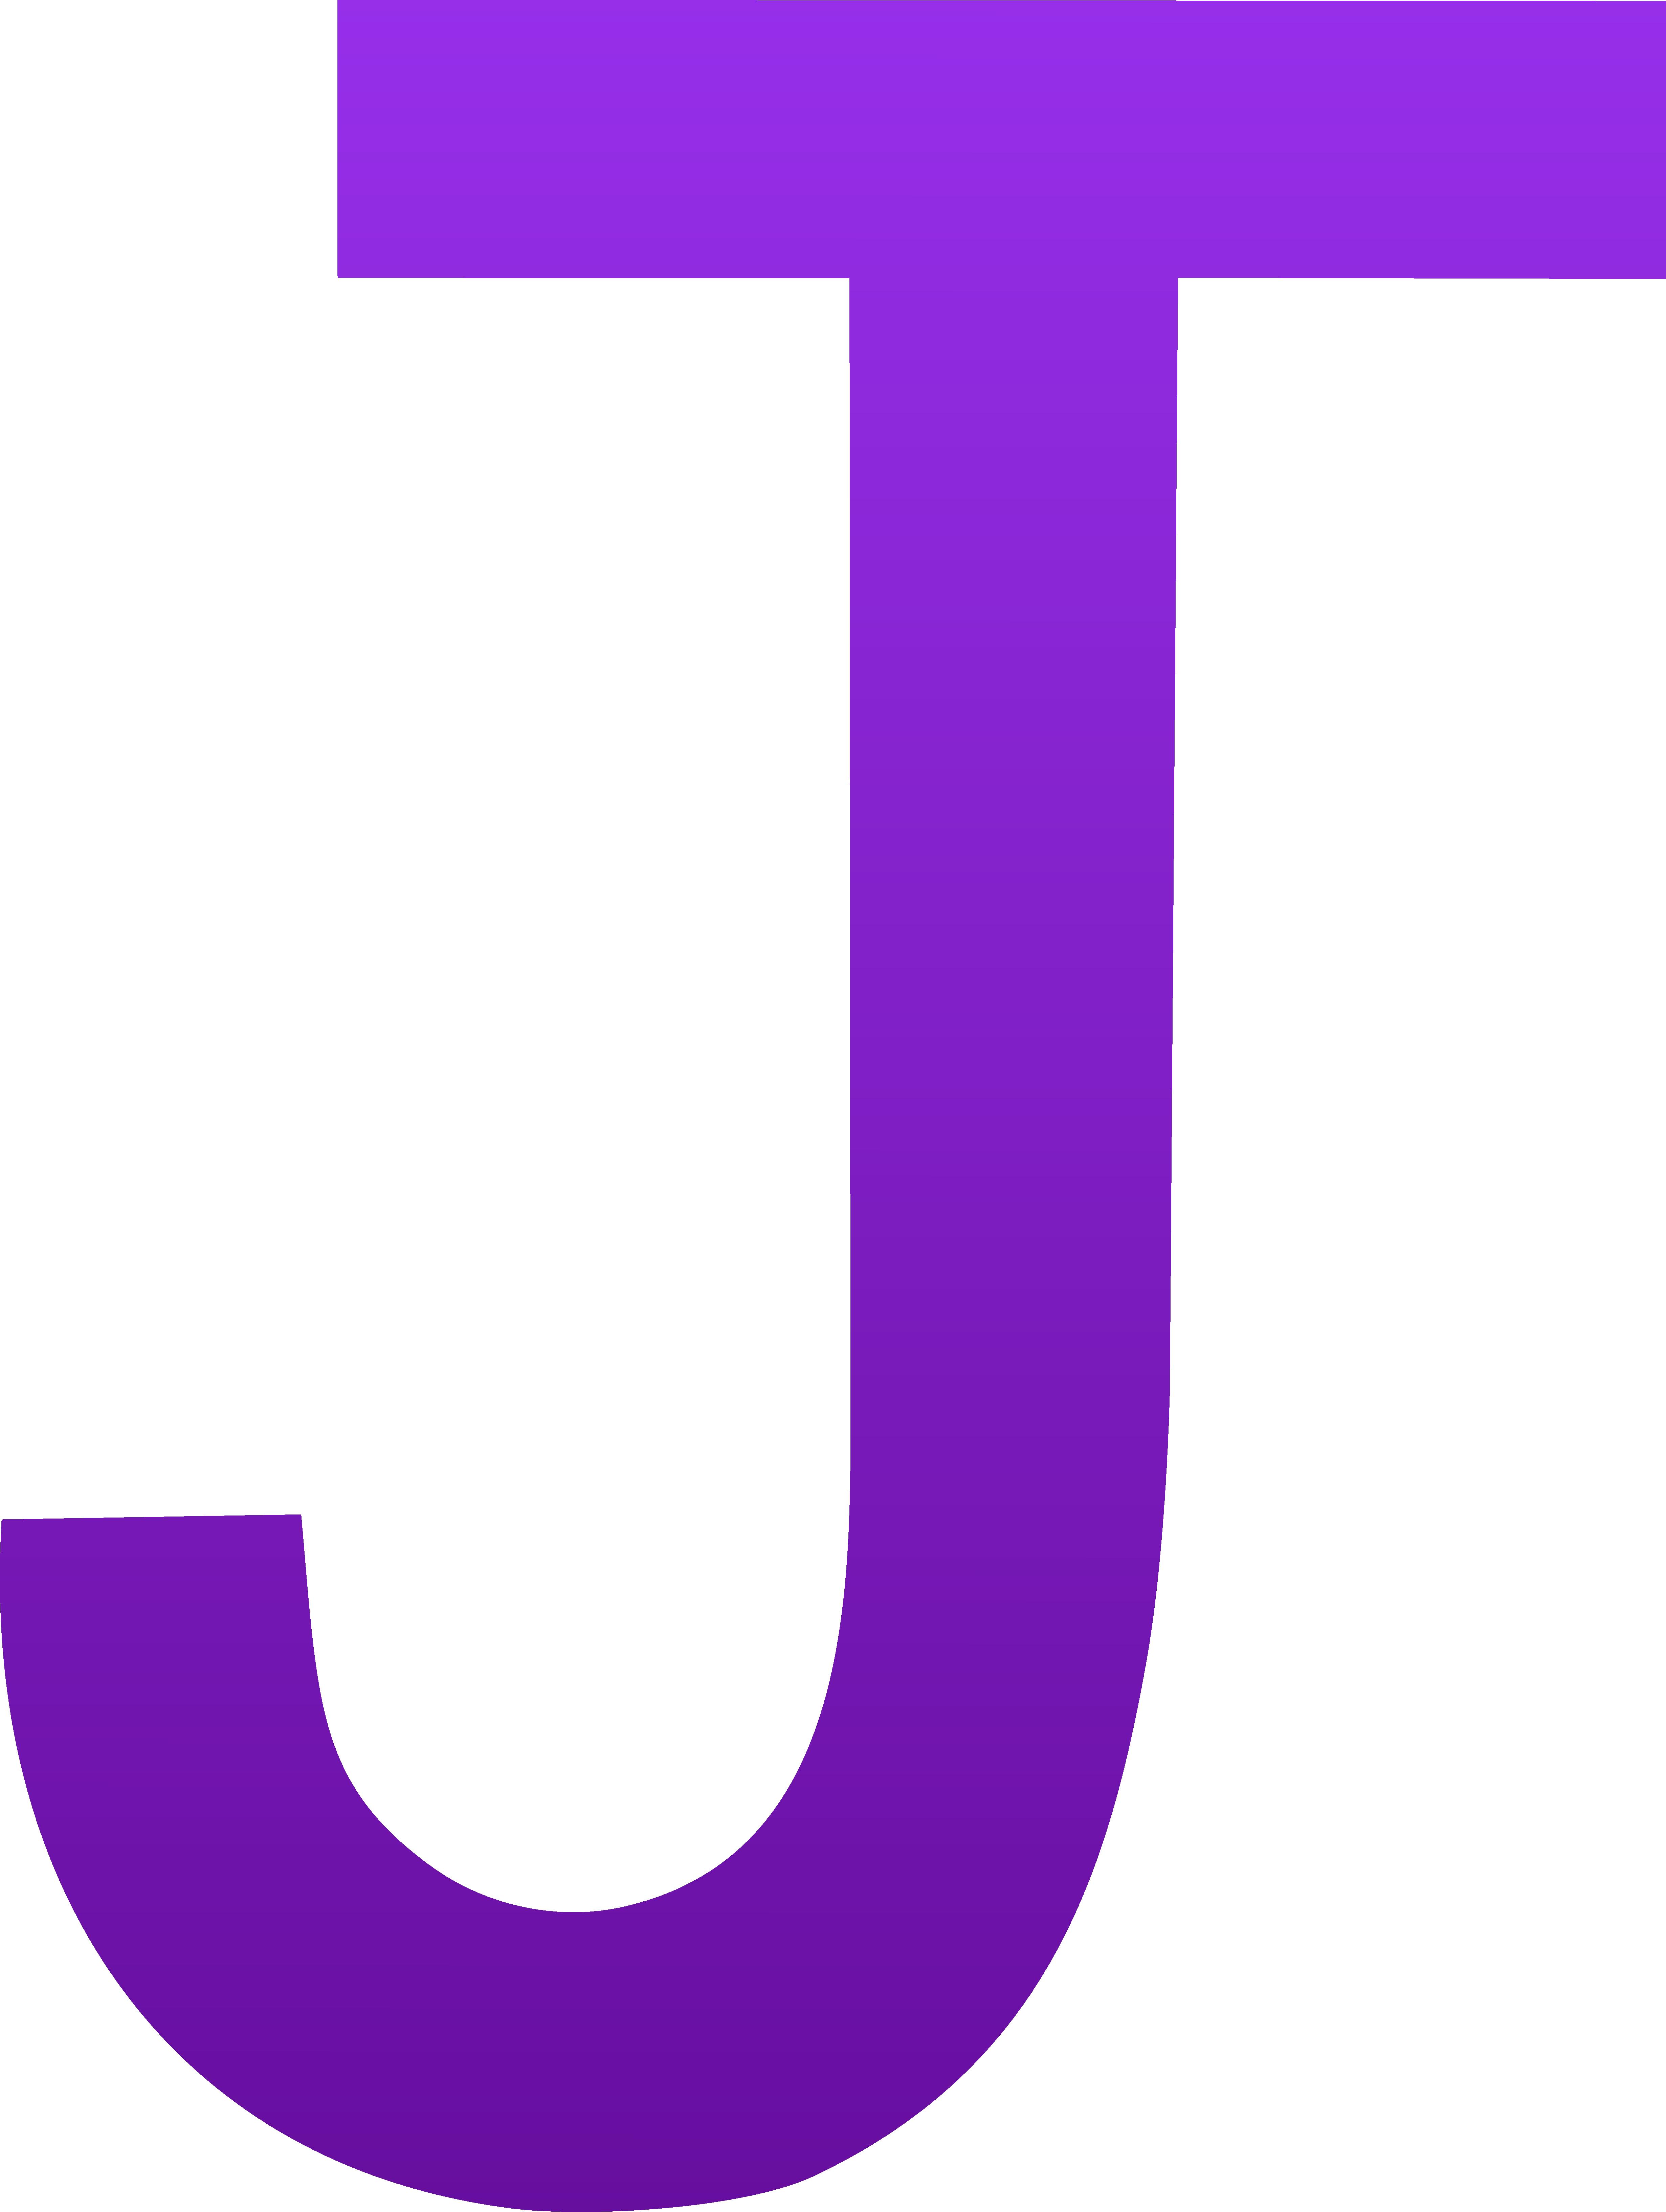 clipart letter j #13